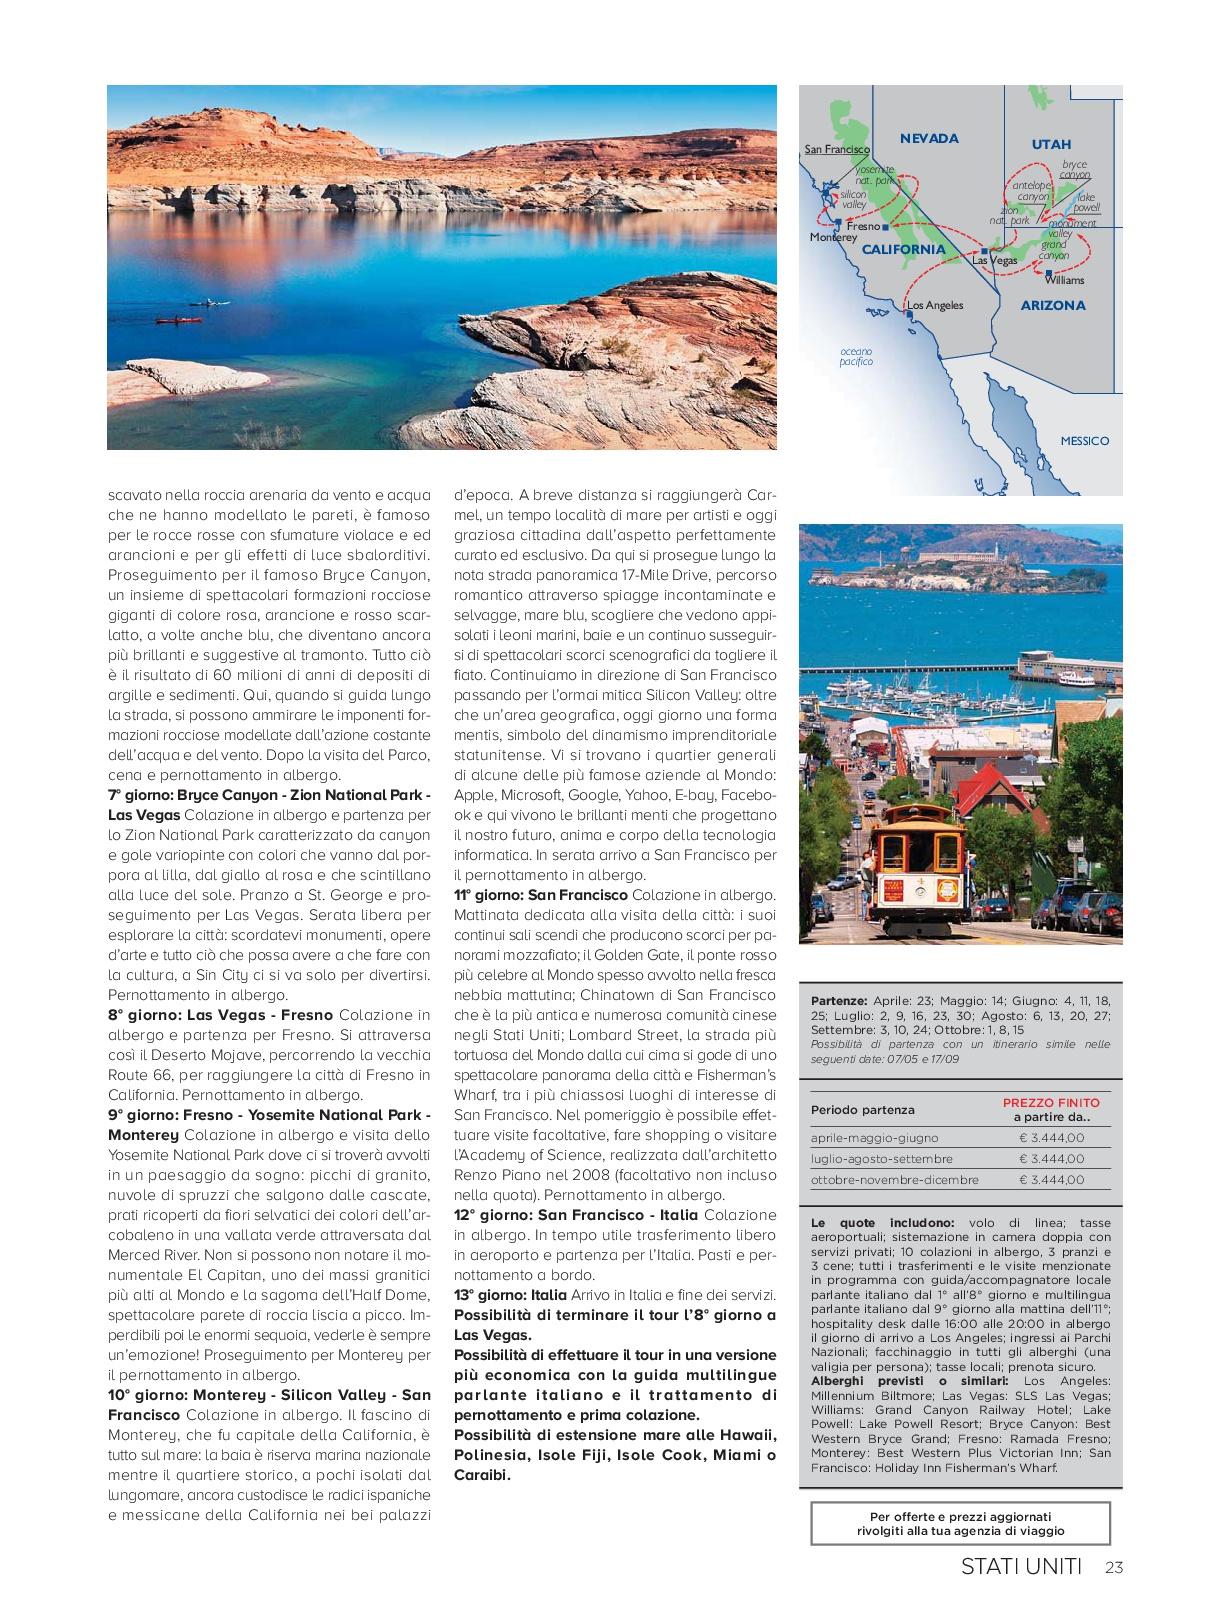 Stati Uniti page_23-001